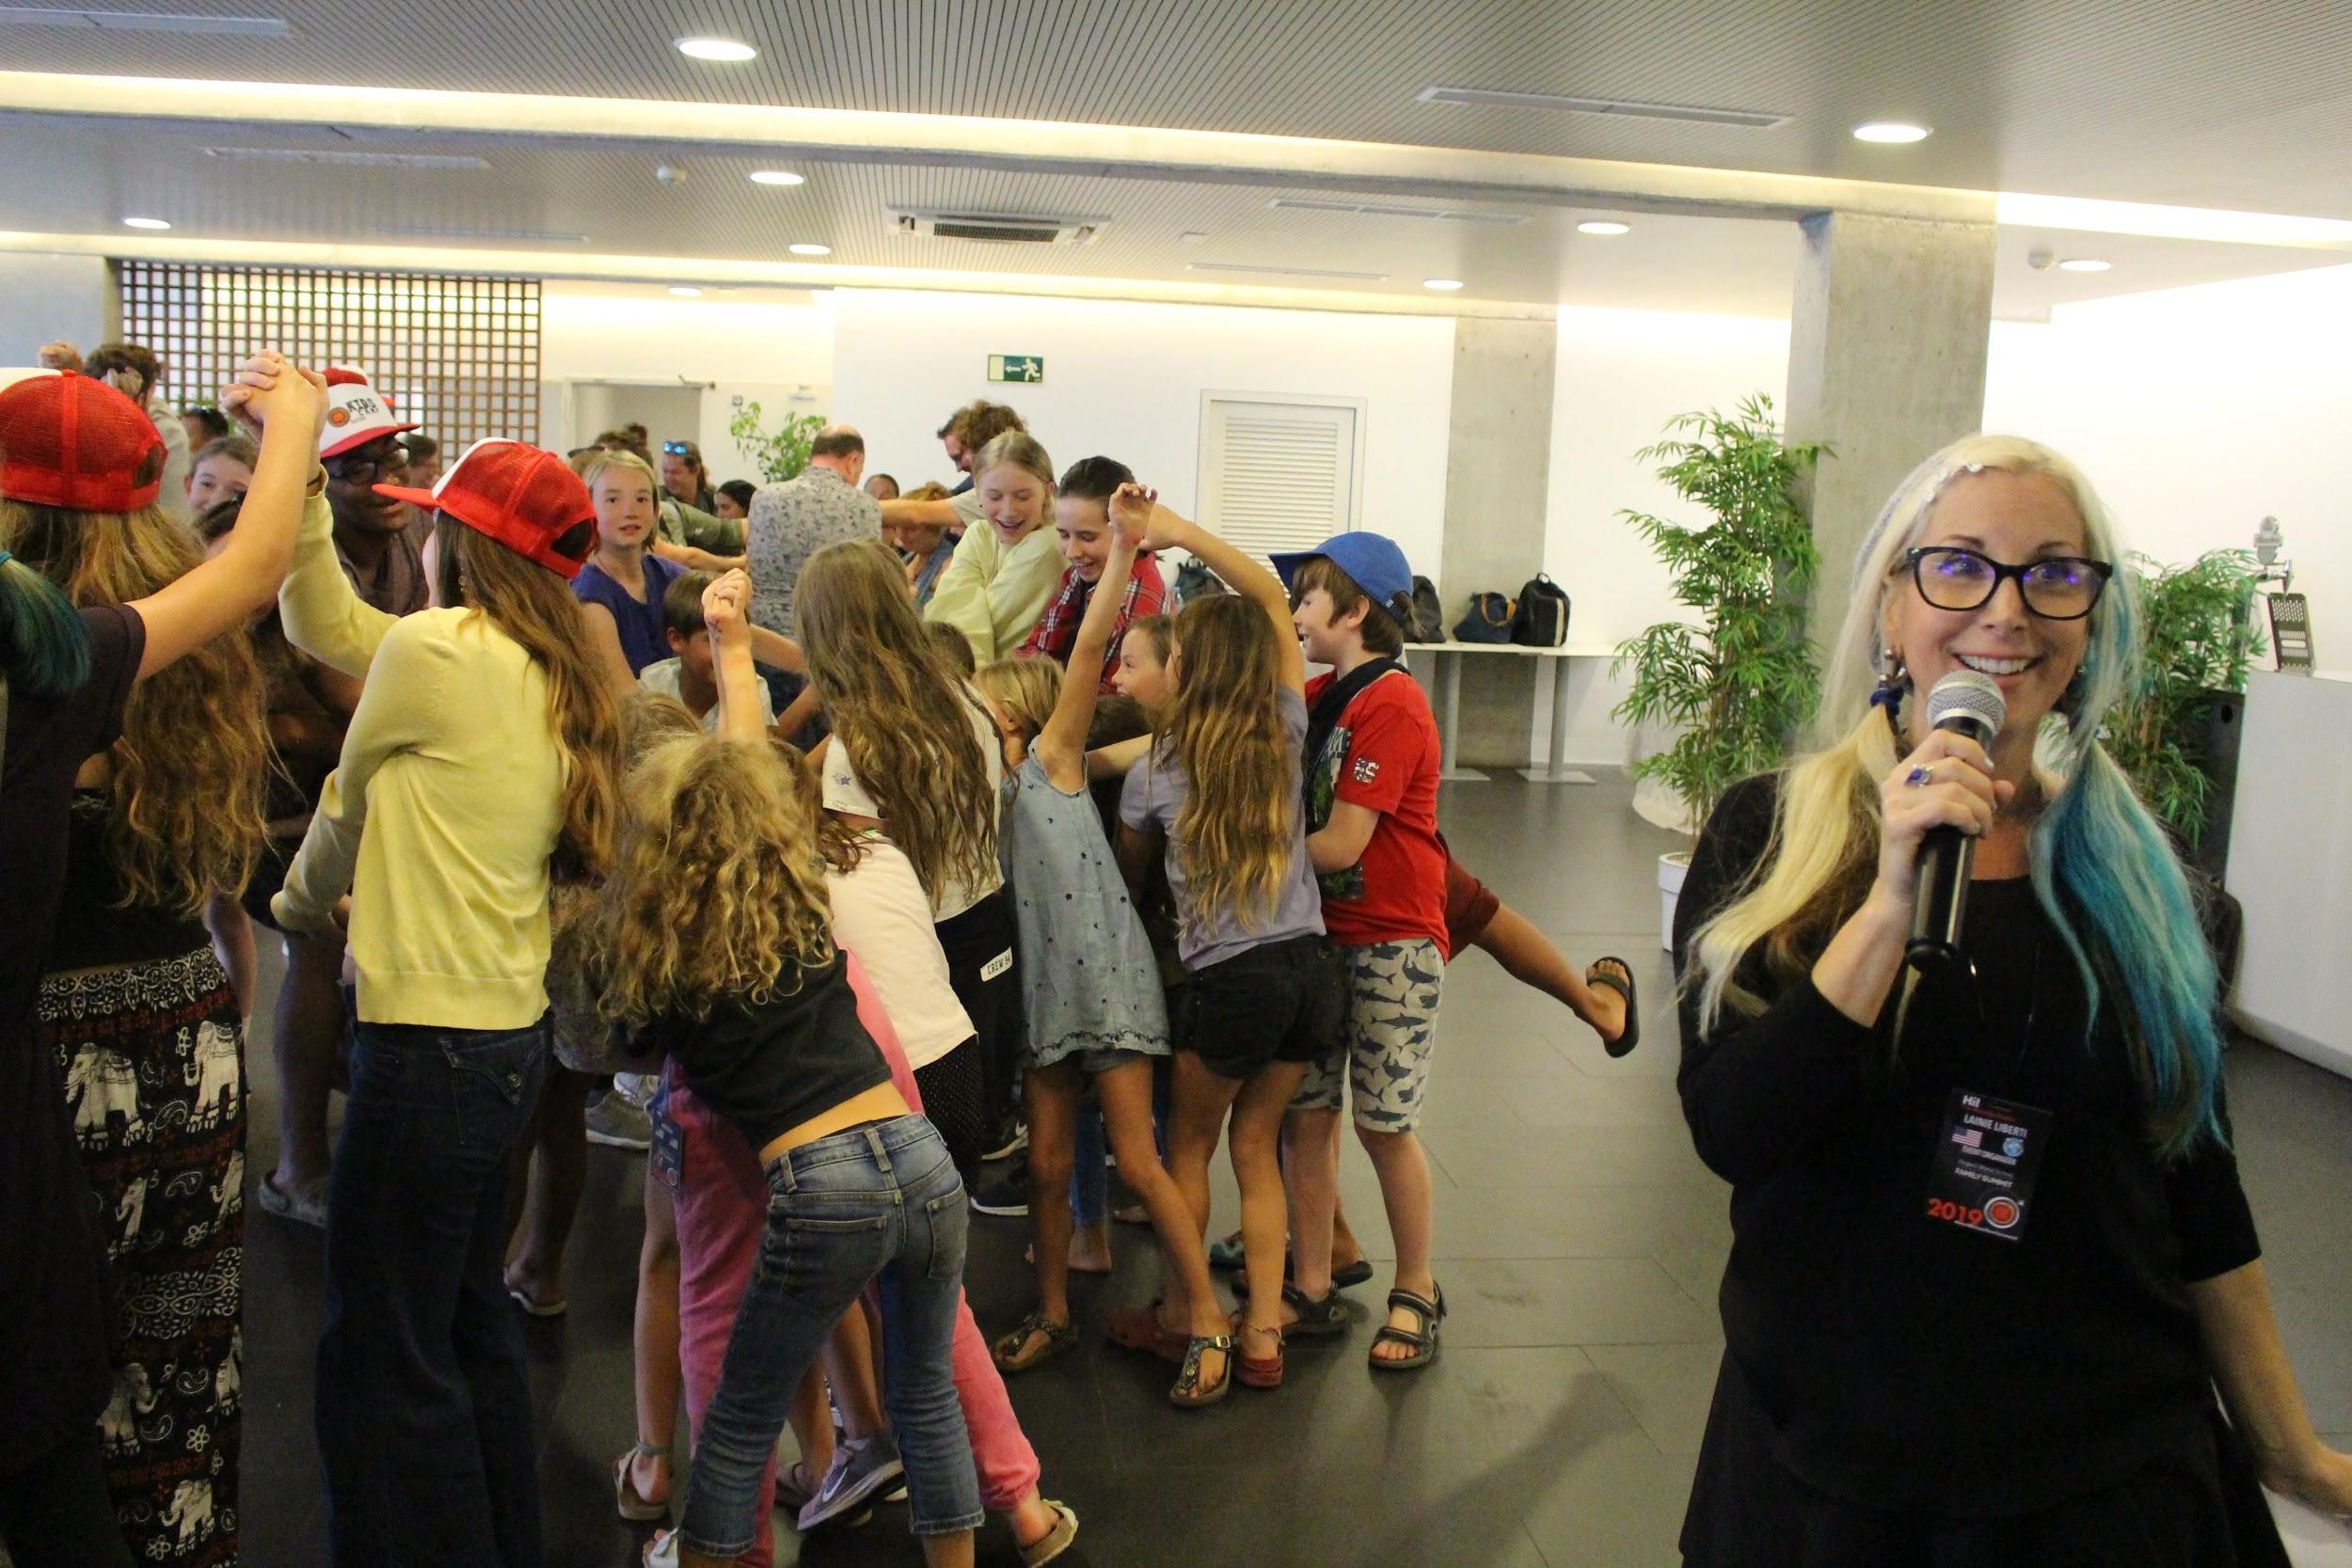 Lainie Liberti uvádza ďalšiu aktivitu pre deti. / Foto: Gábor Pásztor